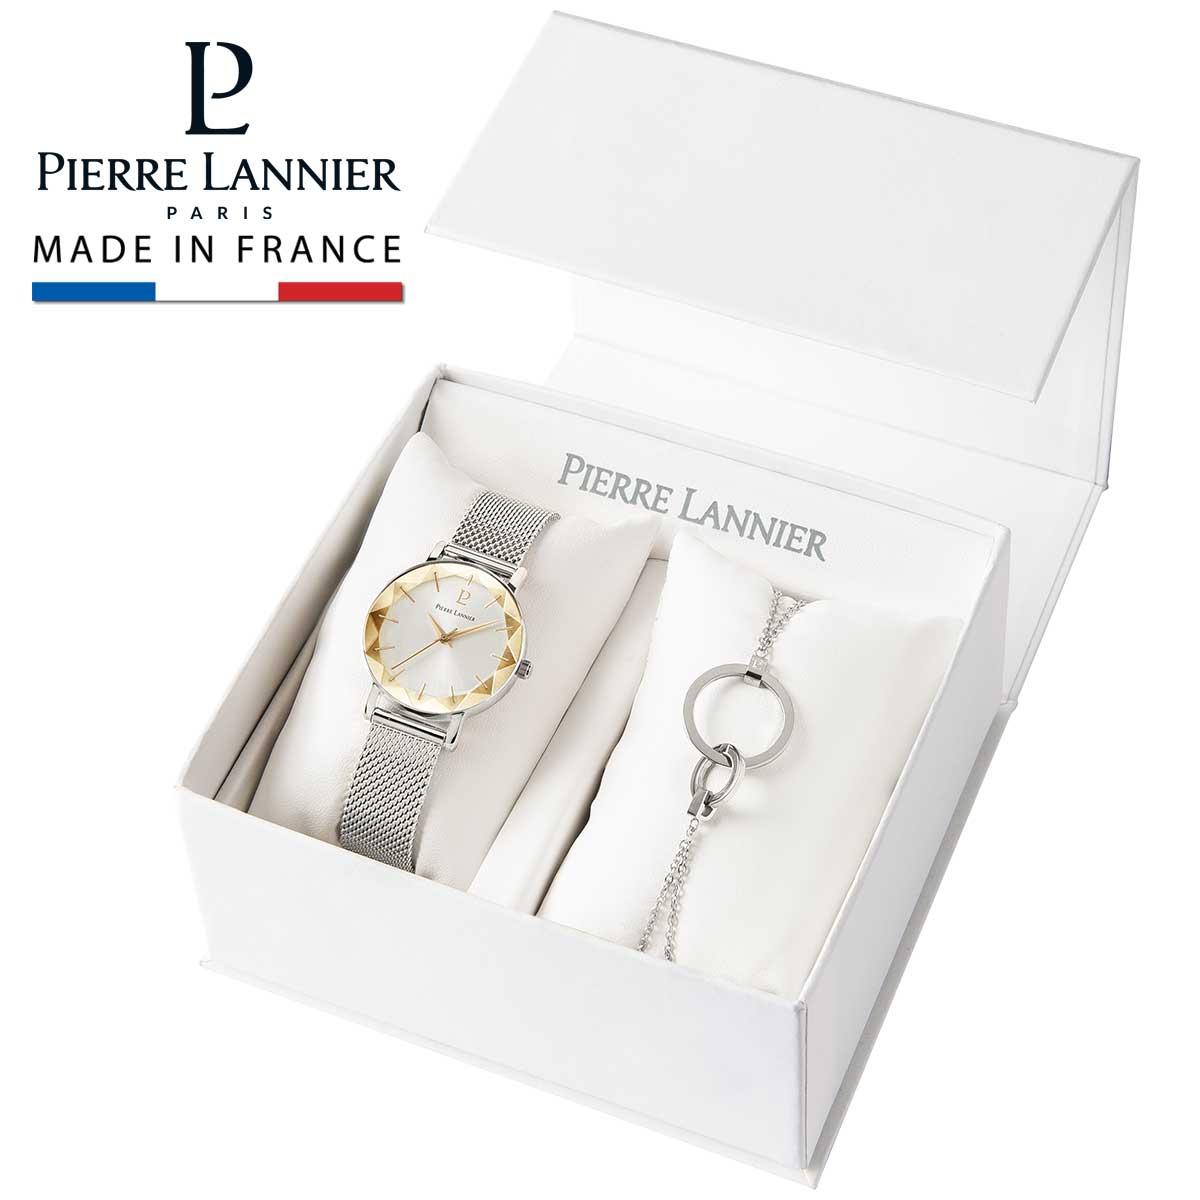 レディース 腕時計 ブランド ピエールラニエ 母の日 プレゼント ギフト カットガラス マルチプル